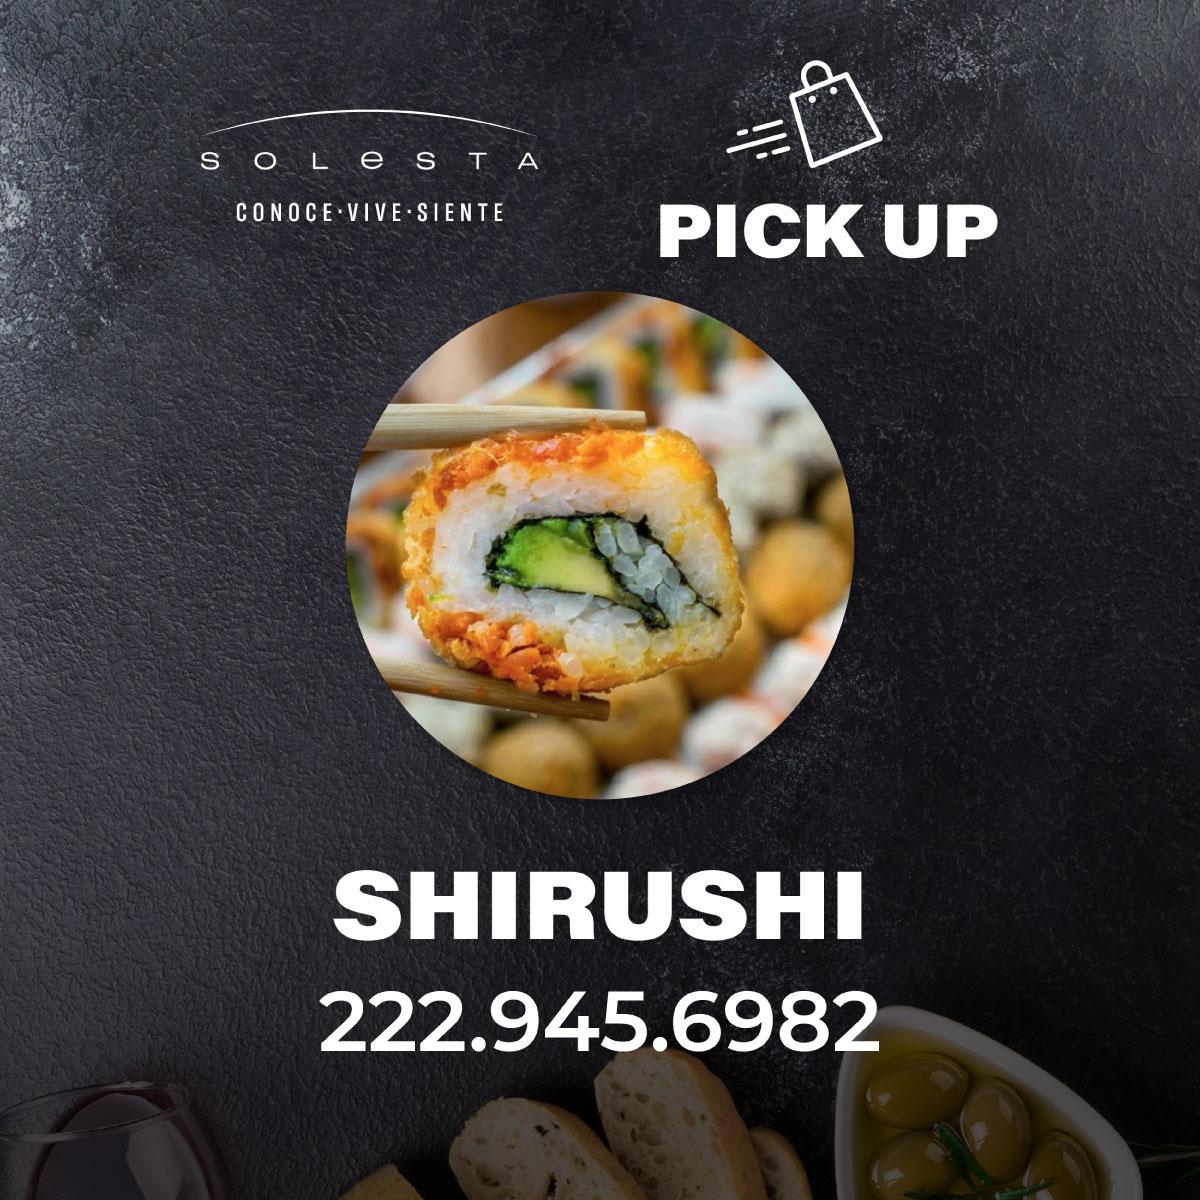 Pick Up De Shirushi